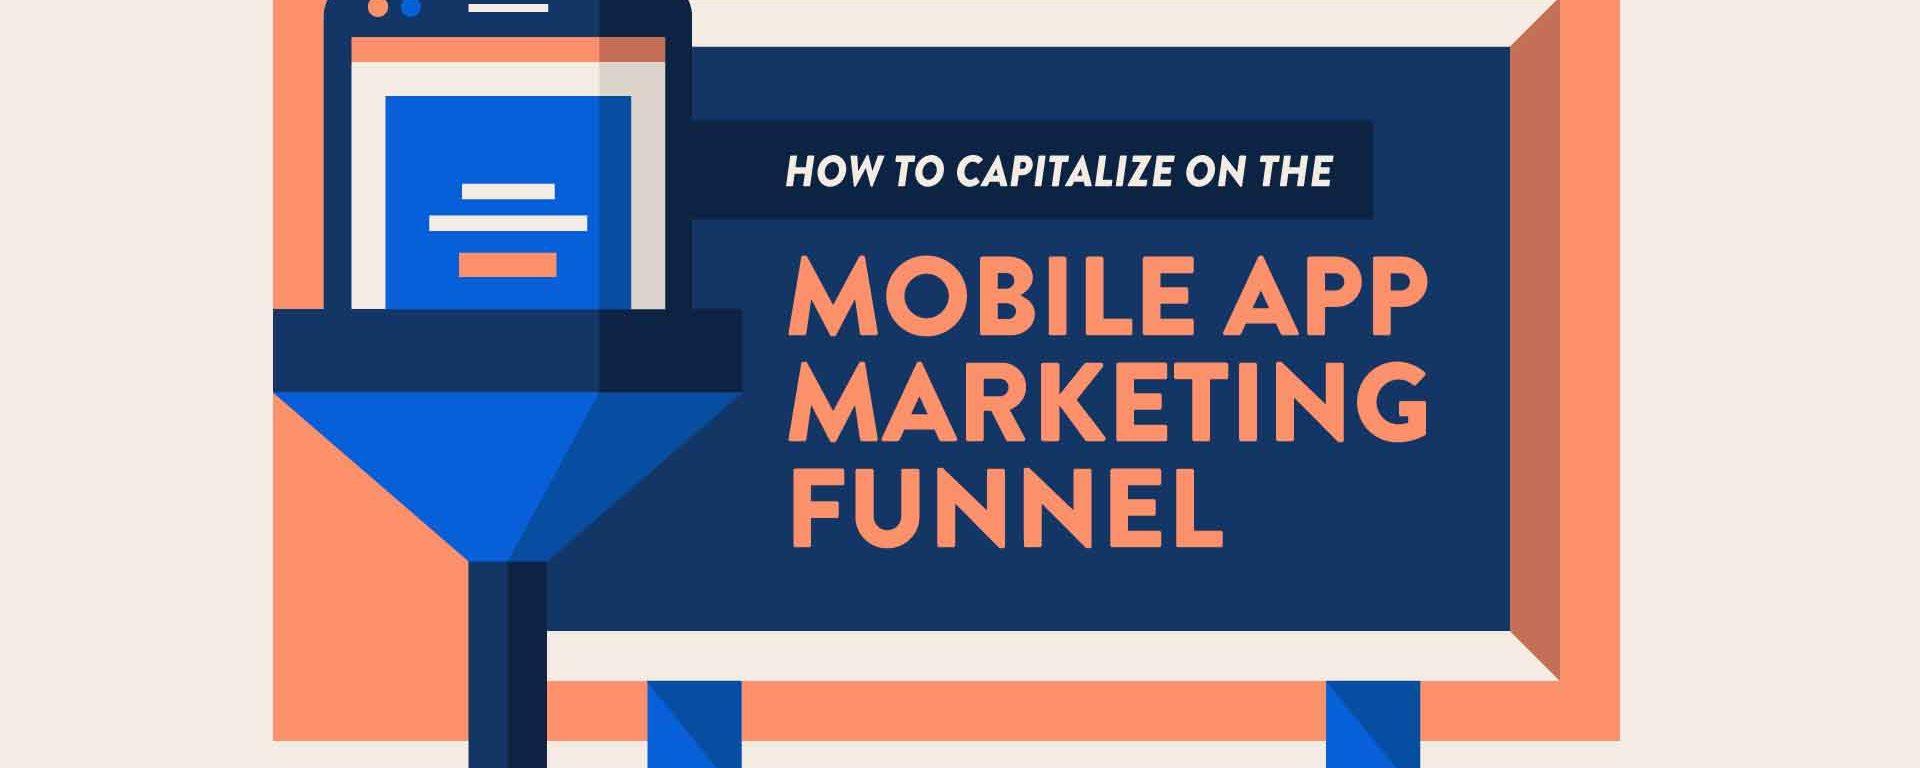 Mobile App Marketing Funnel_Thumbnail